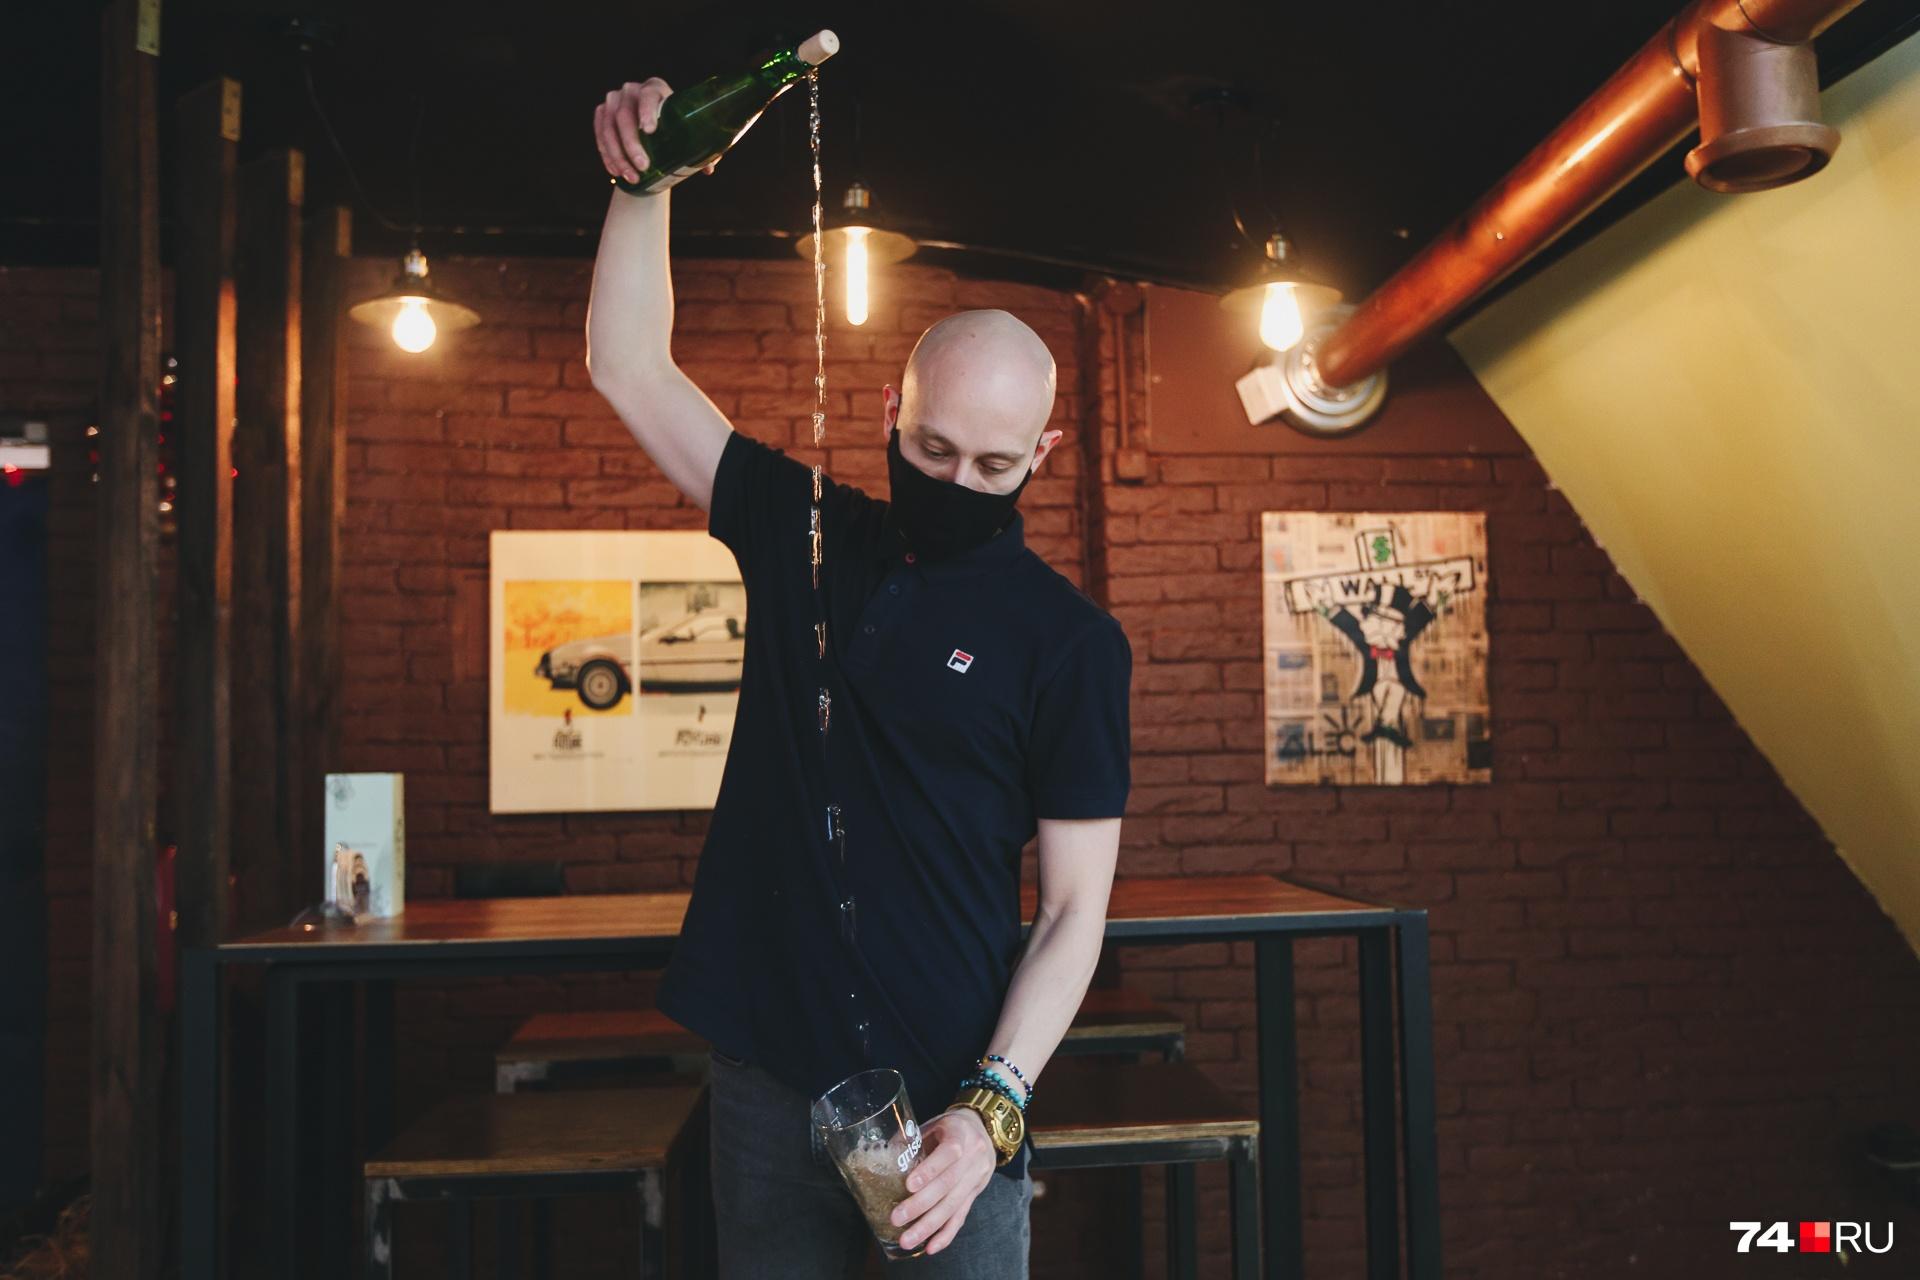 У ценителей яблочного напитка есть особый ритуал: наливать его, подняв бутылку как можно выше